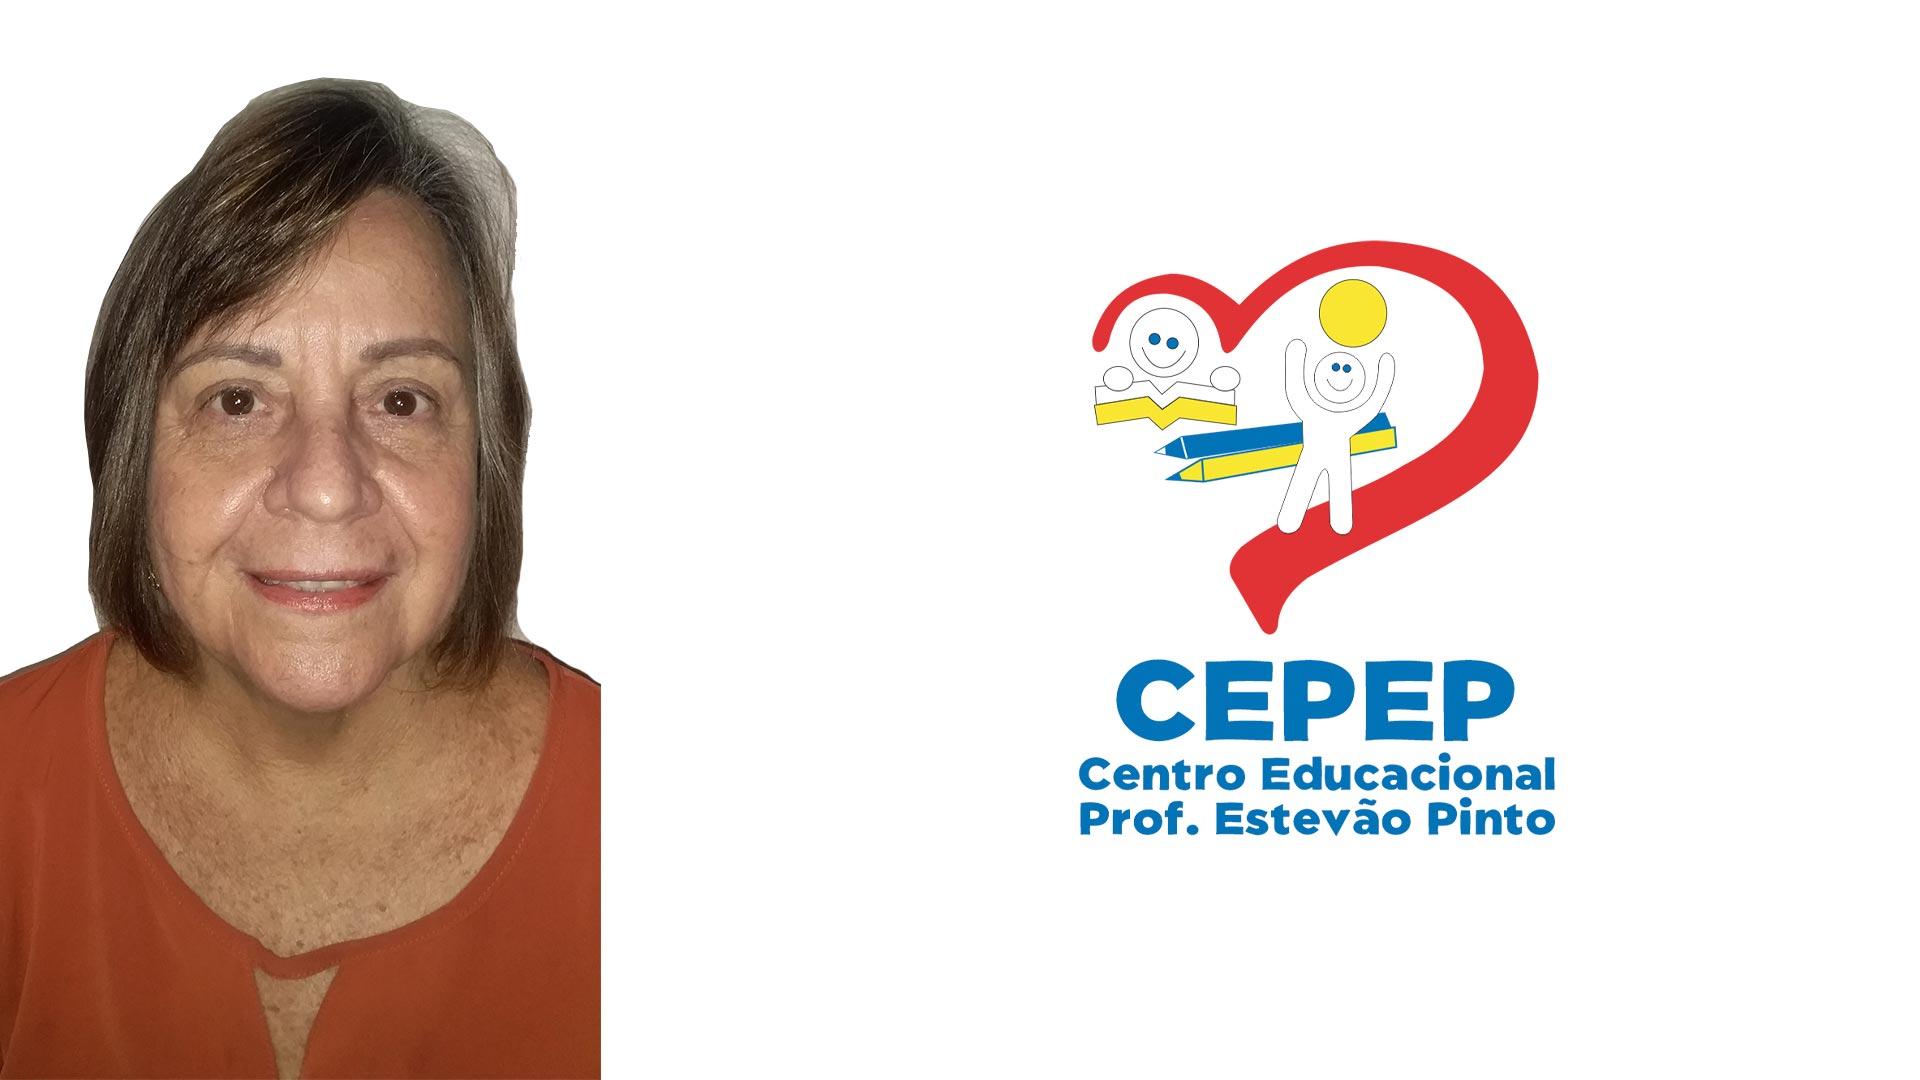 Teresinha Marta Gonçalves de Souza